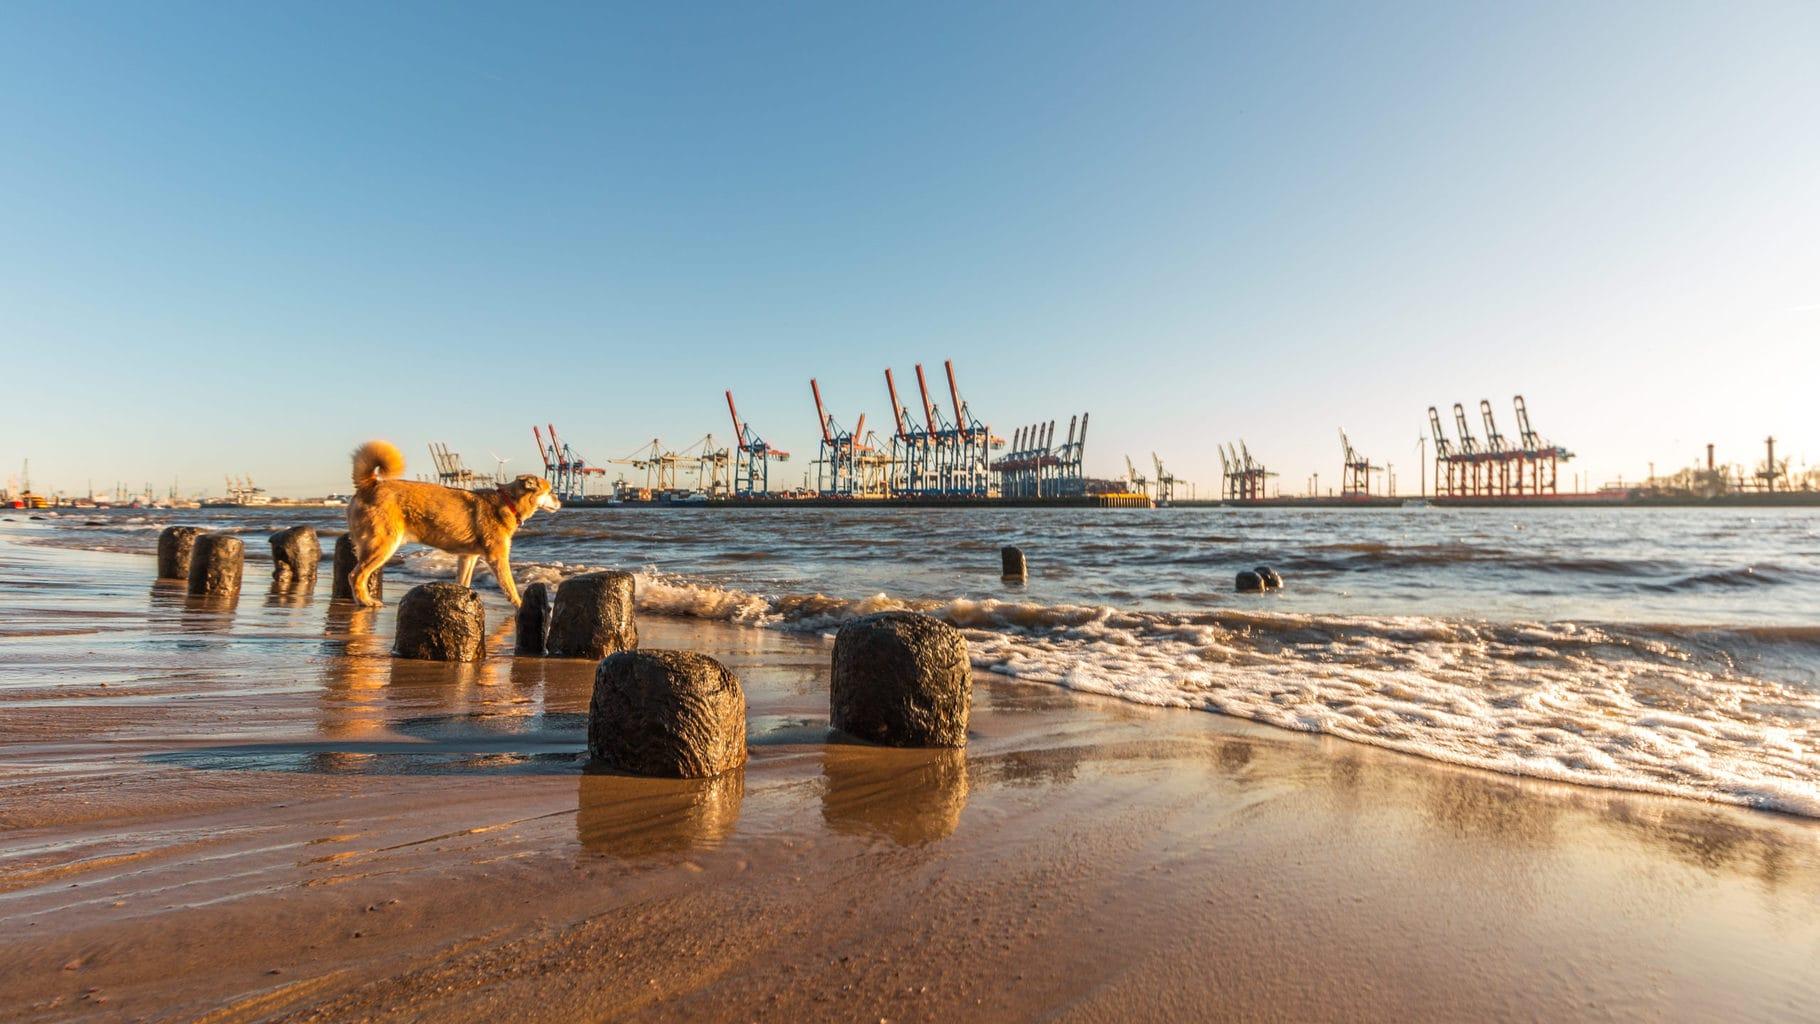 Elbecamp is een van de leukste stadscampings in Duitsland met op de achtergrond der havenkranen van Hamburg